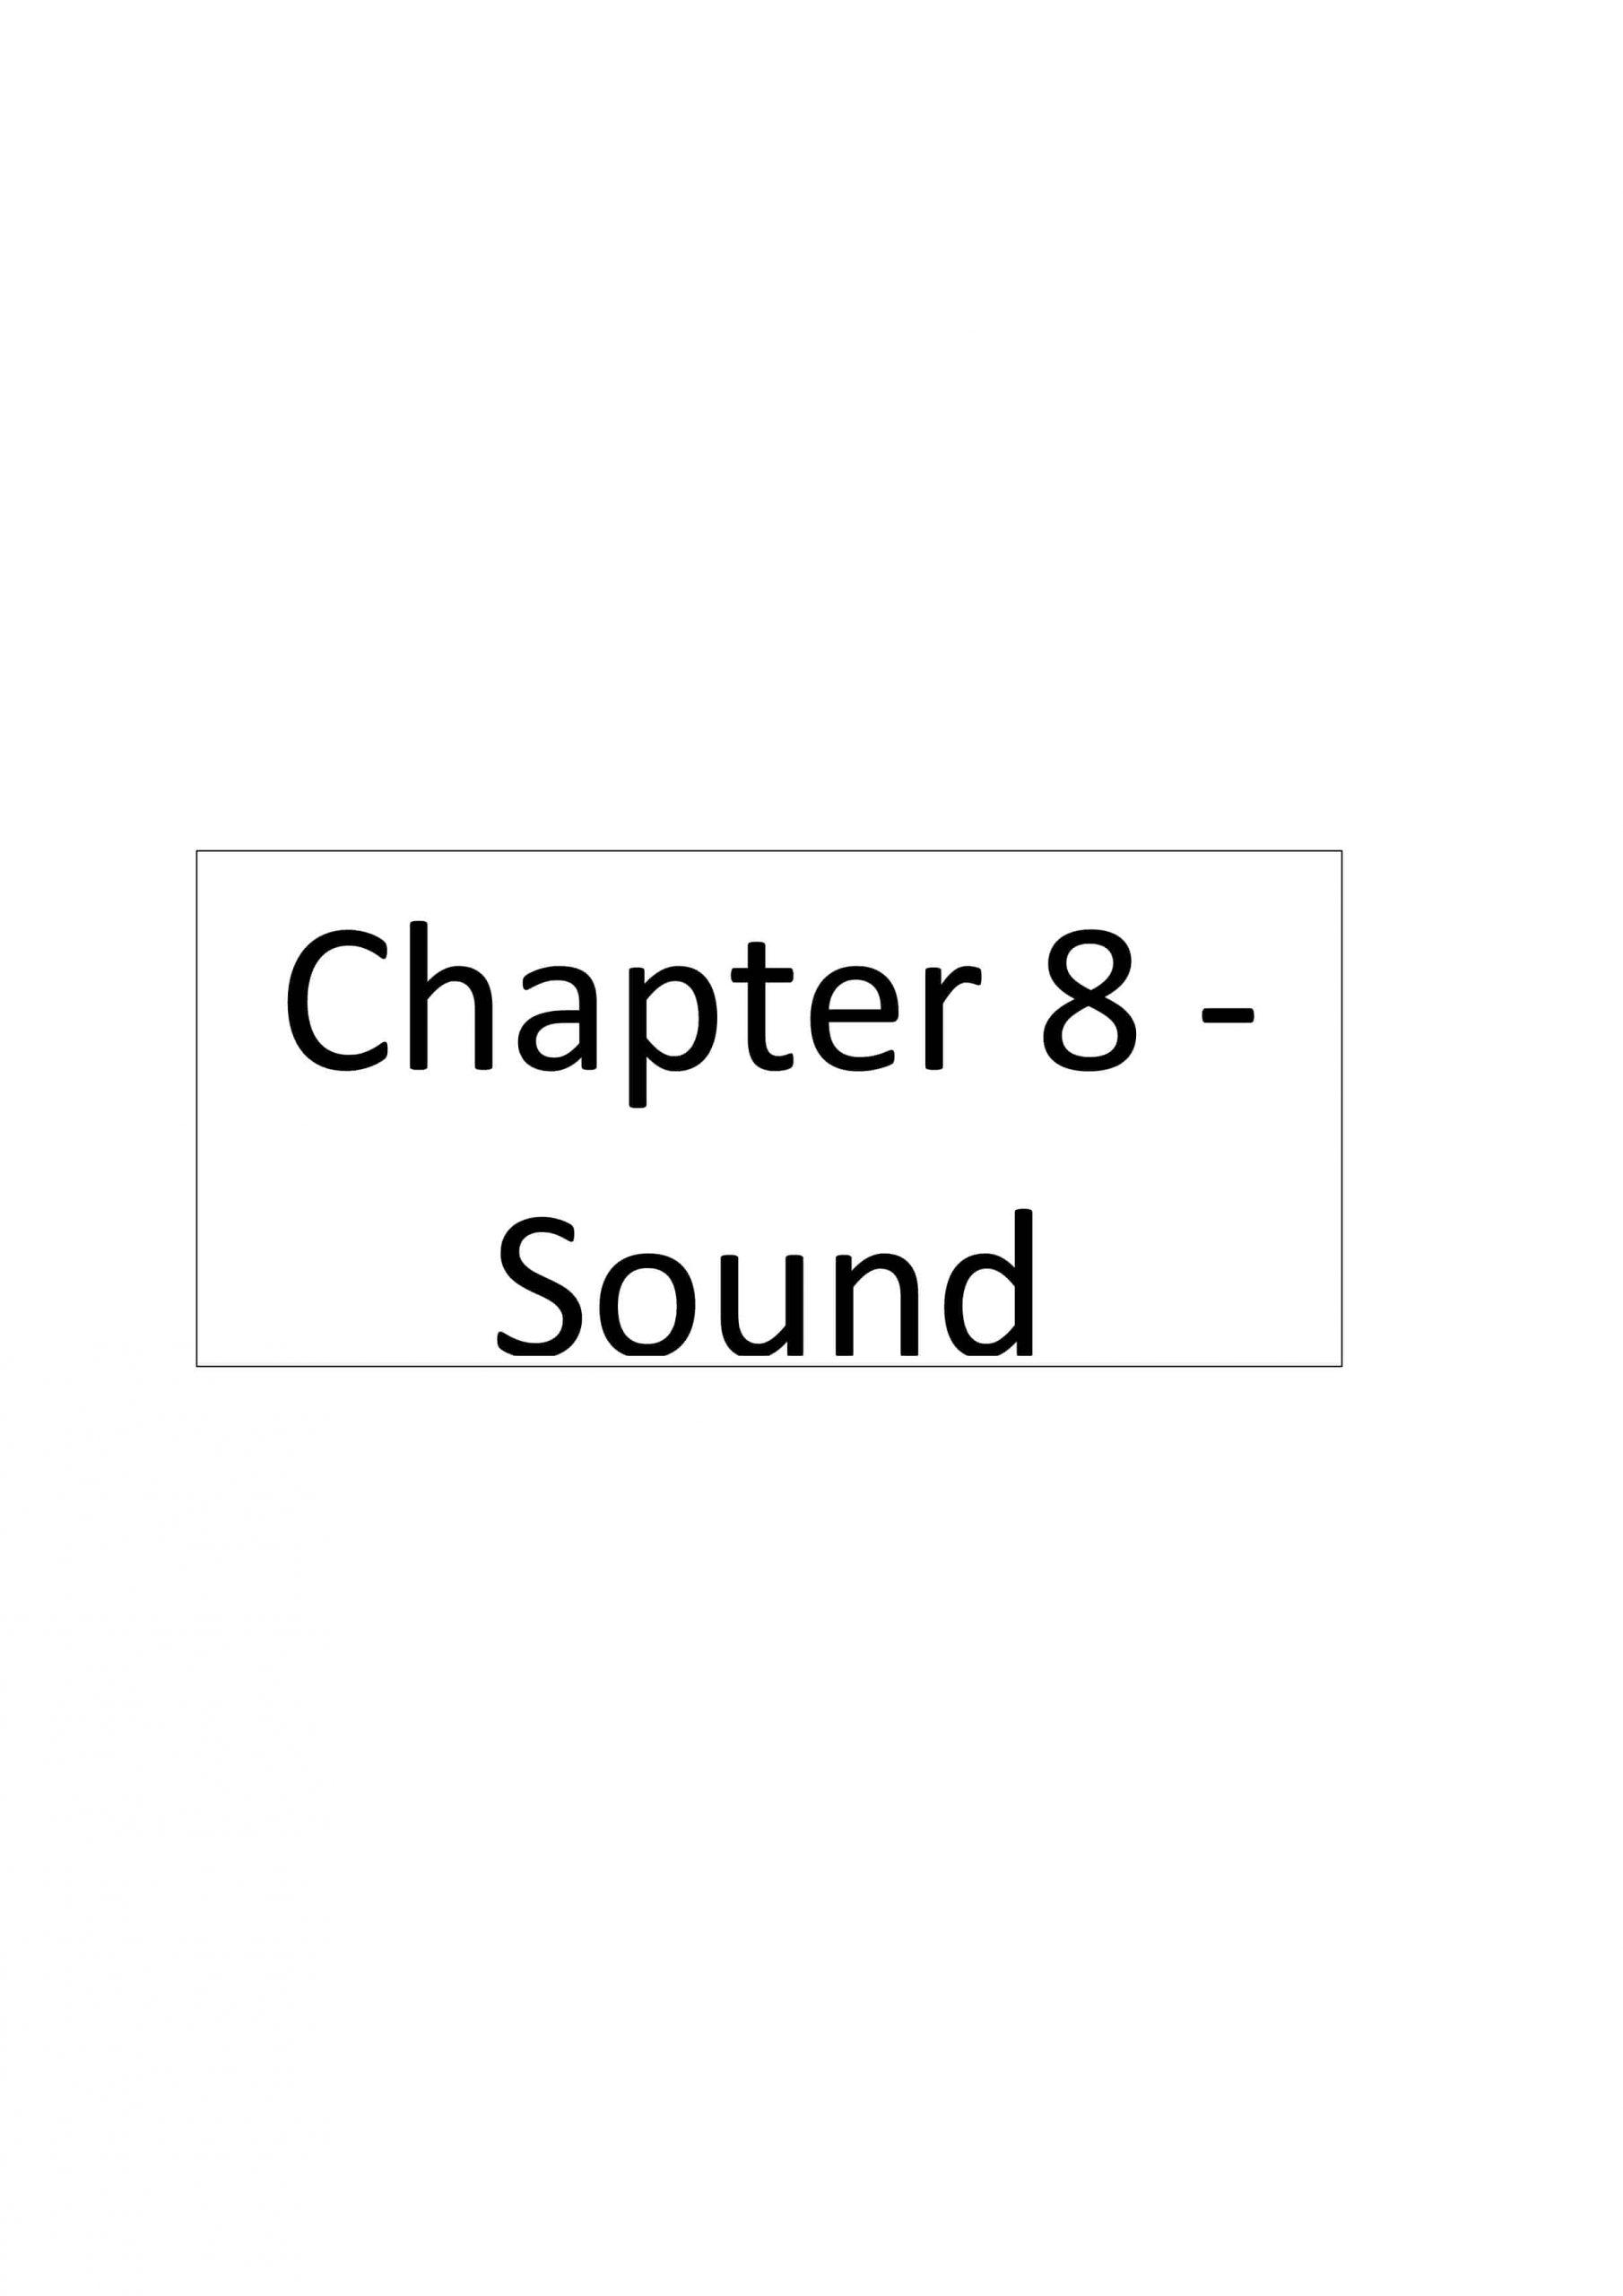 ملخص شامل بالإنجليزي الصف الخامس مادة العلوم المتكاملة